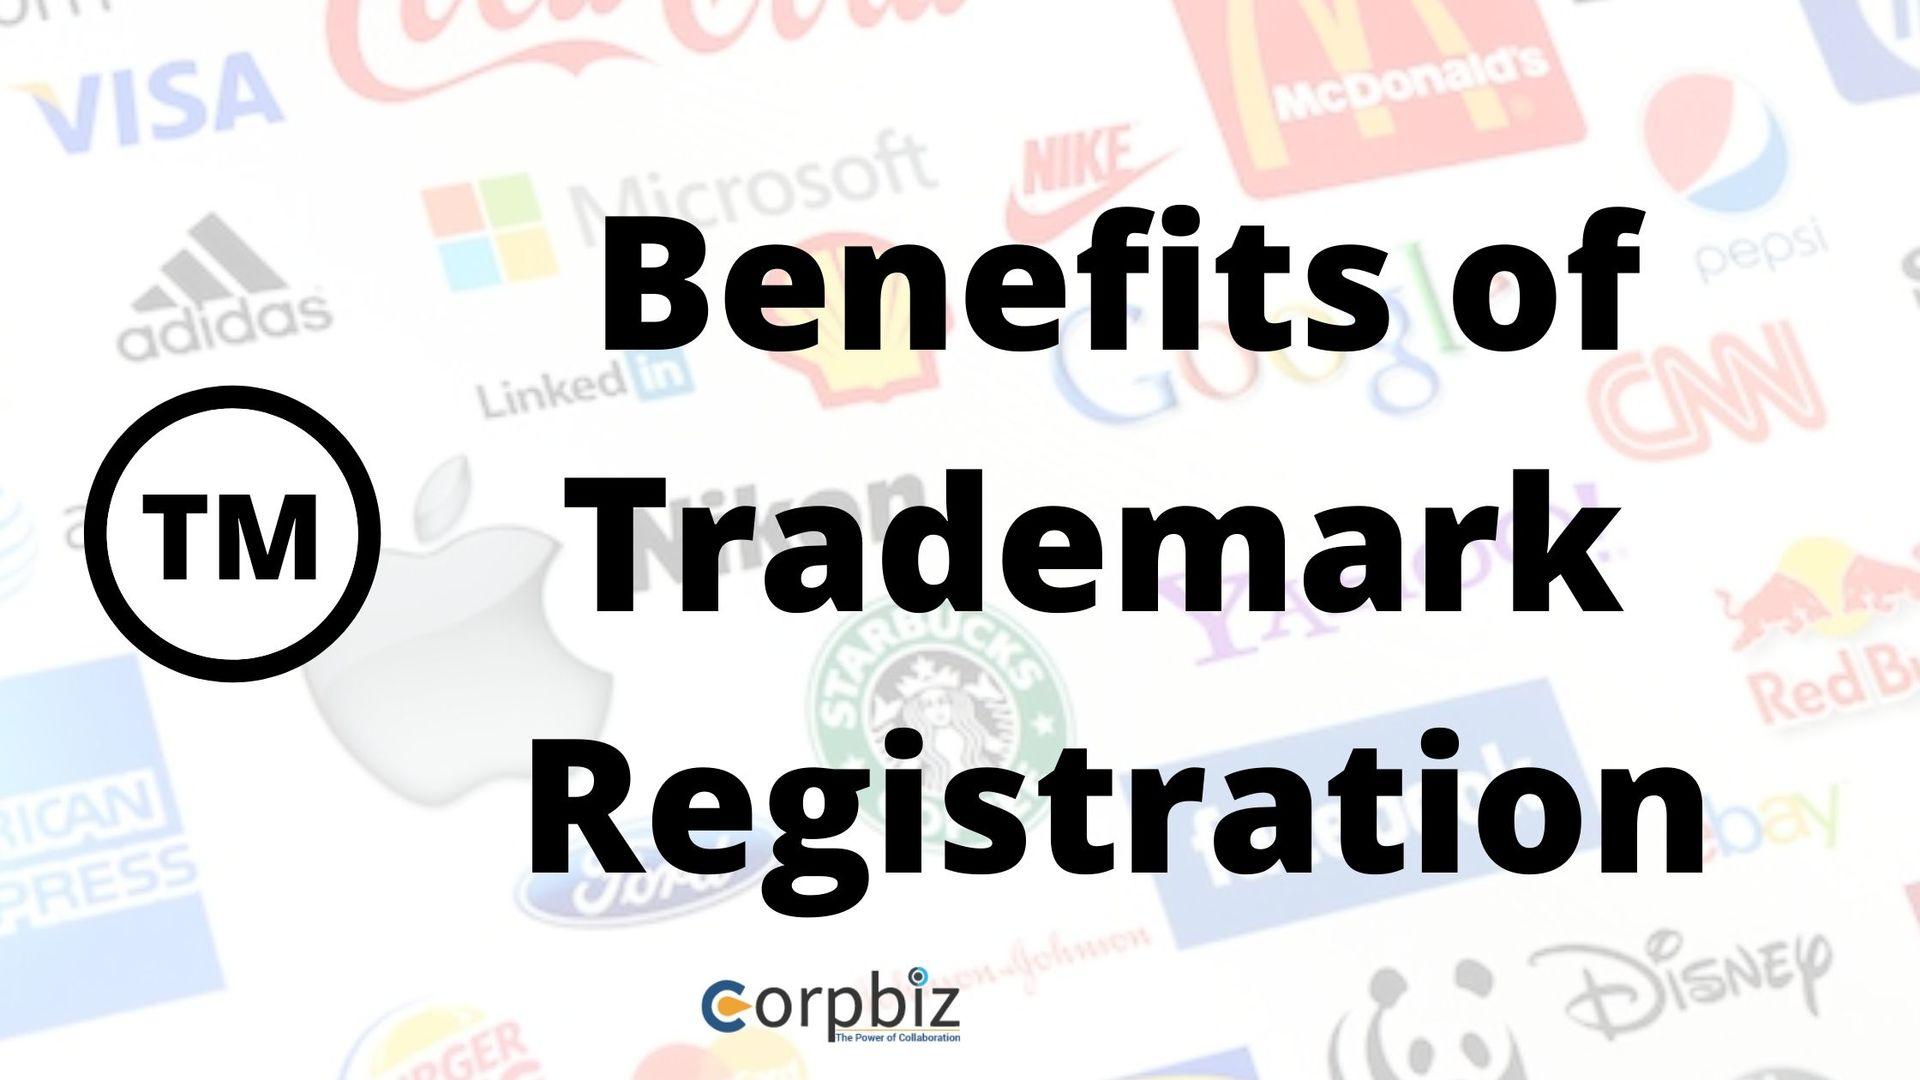 Trademark registration online in India | Corpbiz